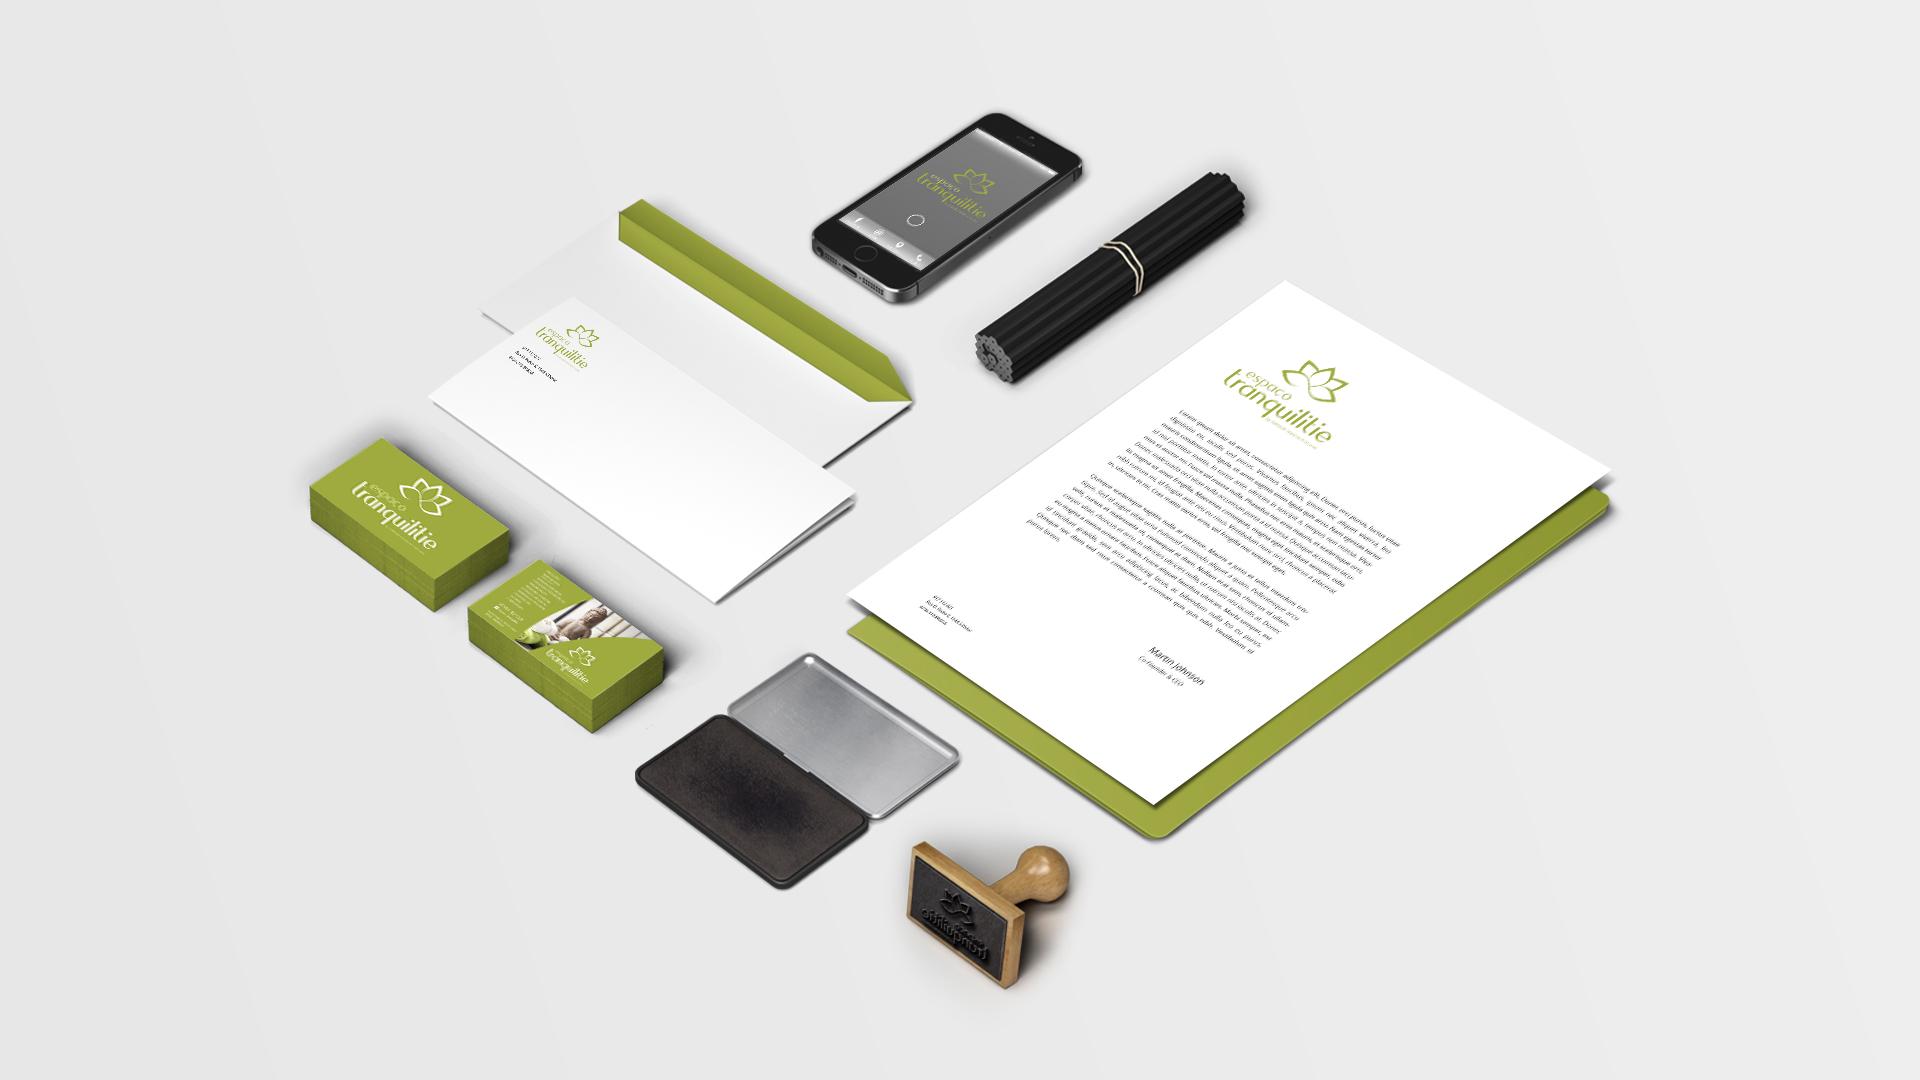 espaço tranquiliti-estacionario-publicidade-design gráfico